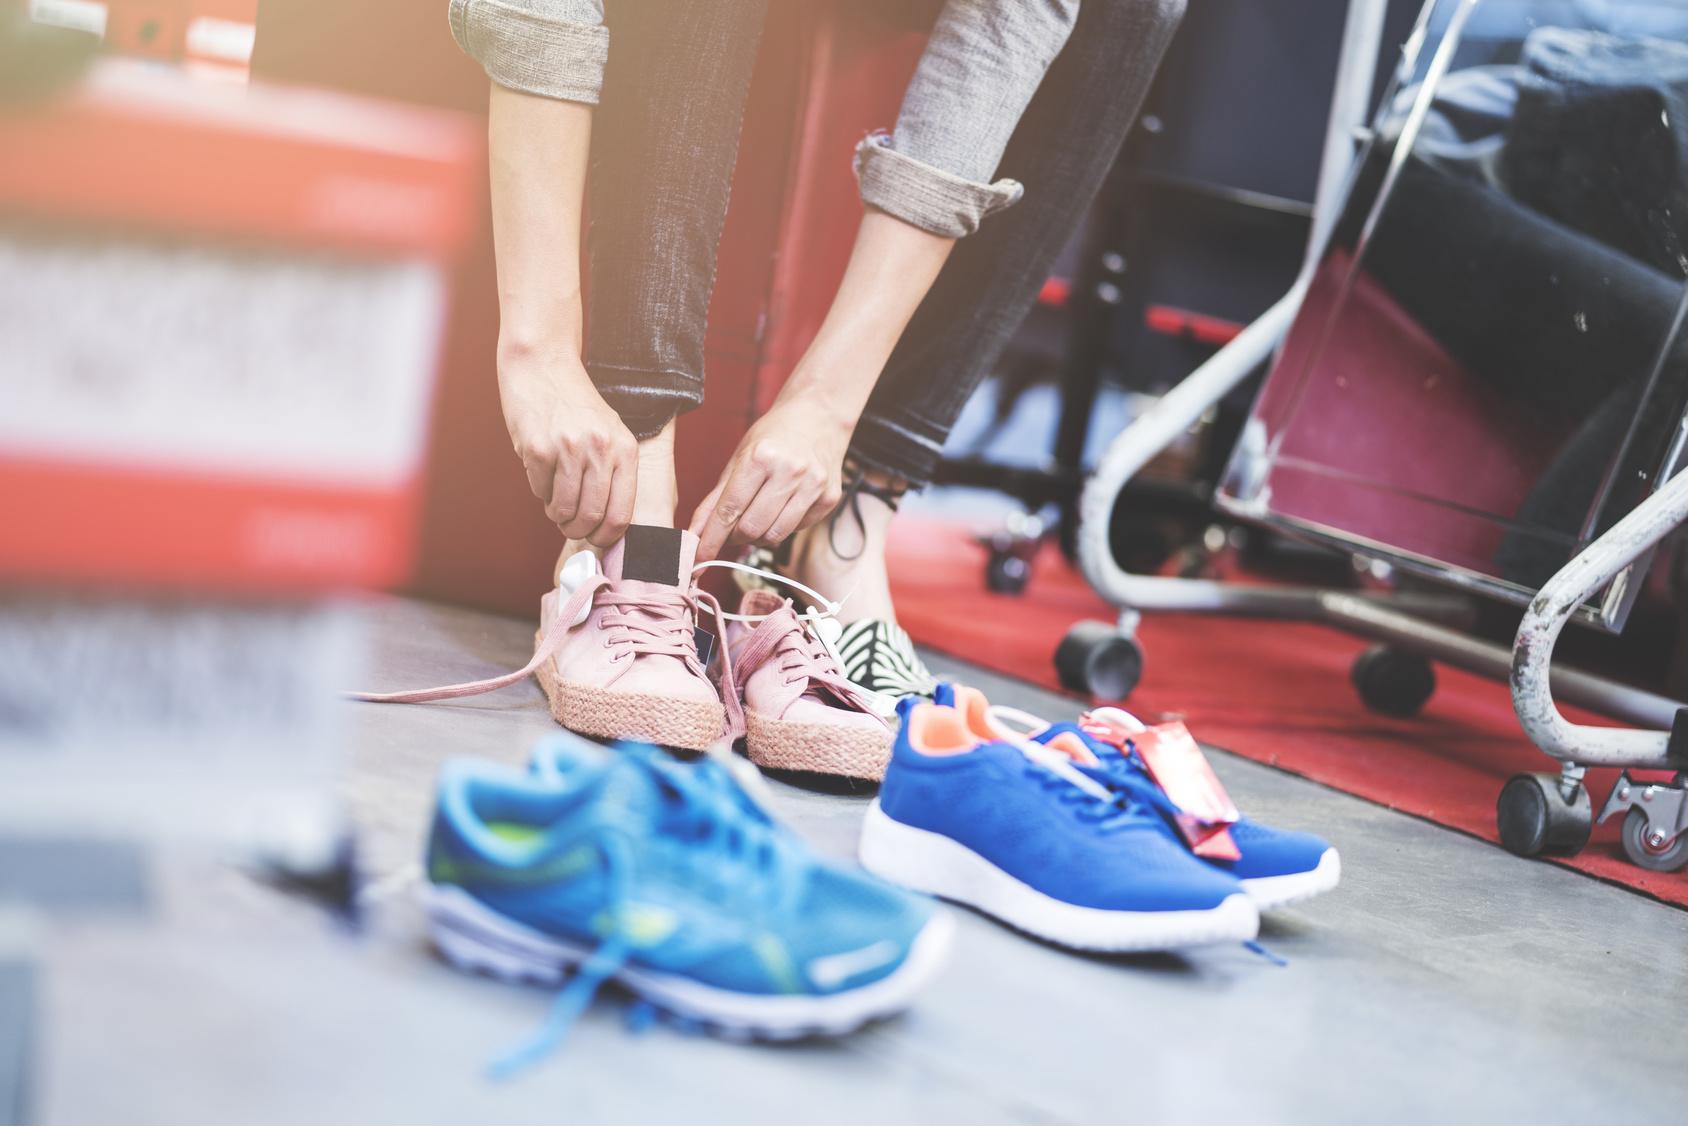 スニーカーに履き替える女性